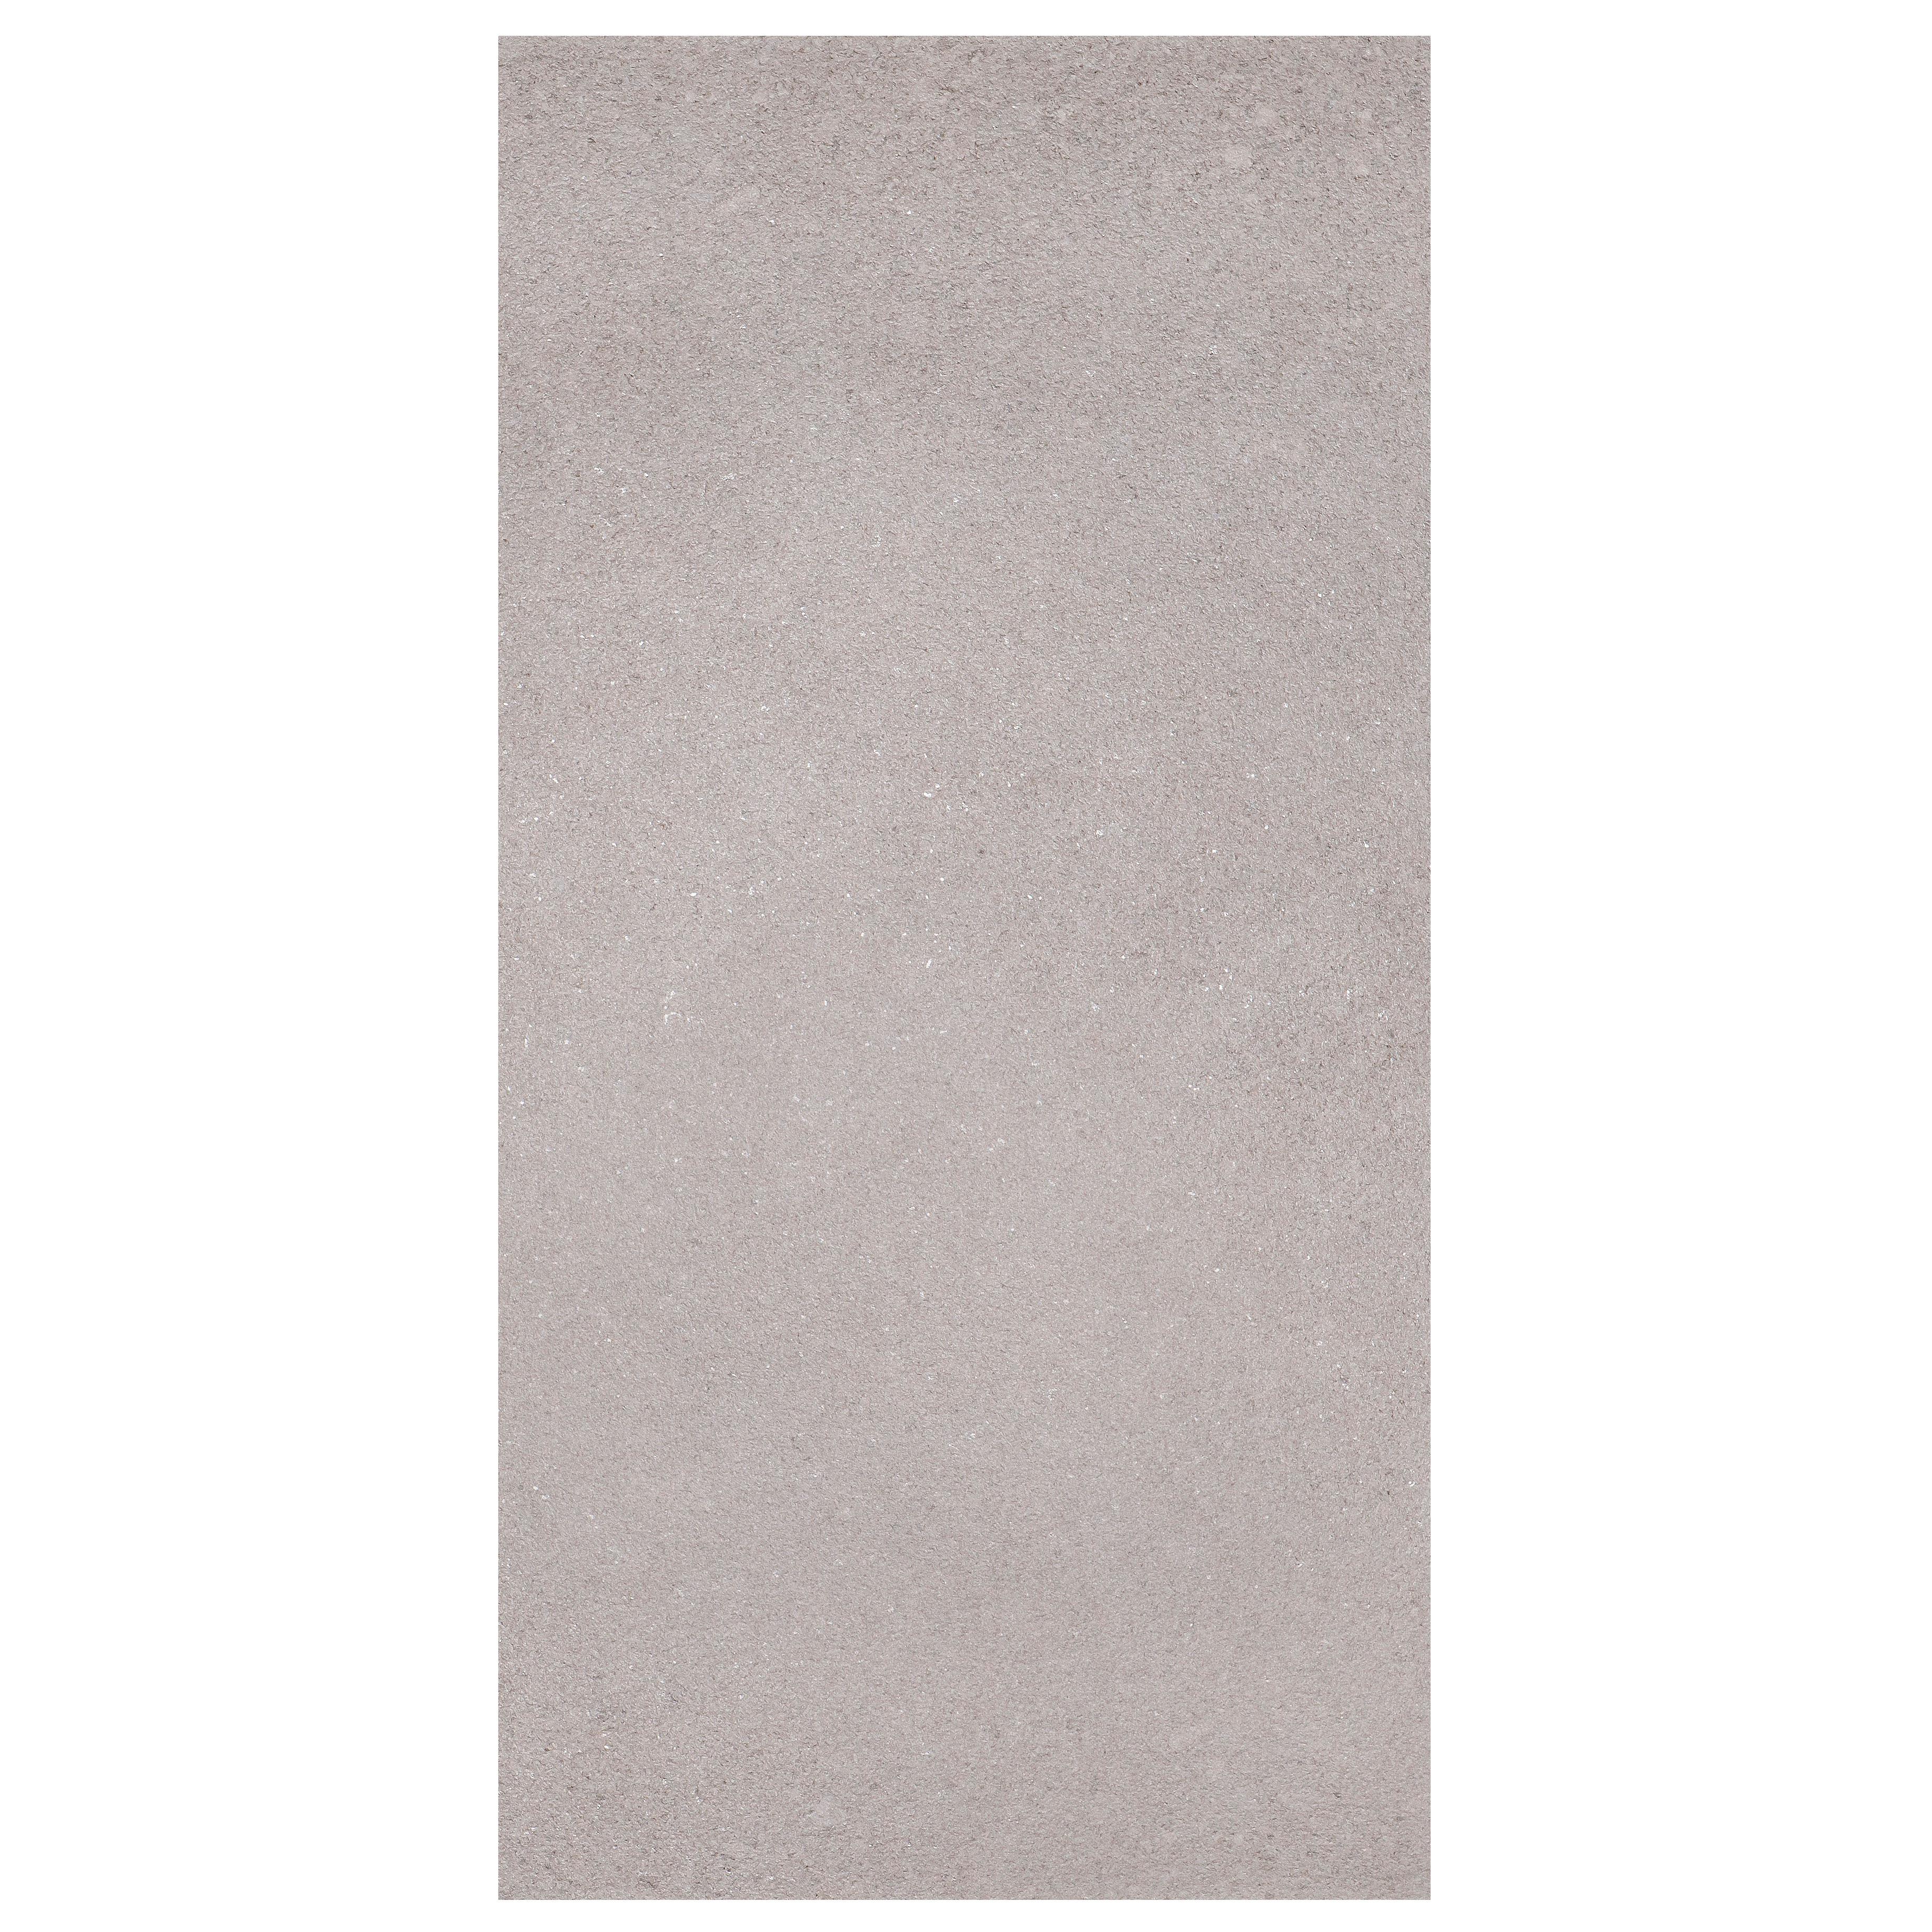 Klinker Bricmate J36 Stone Grey 59,5x29,6 cm